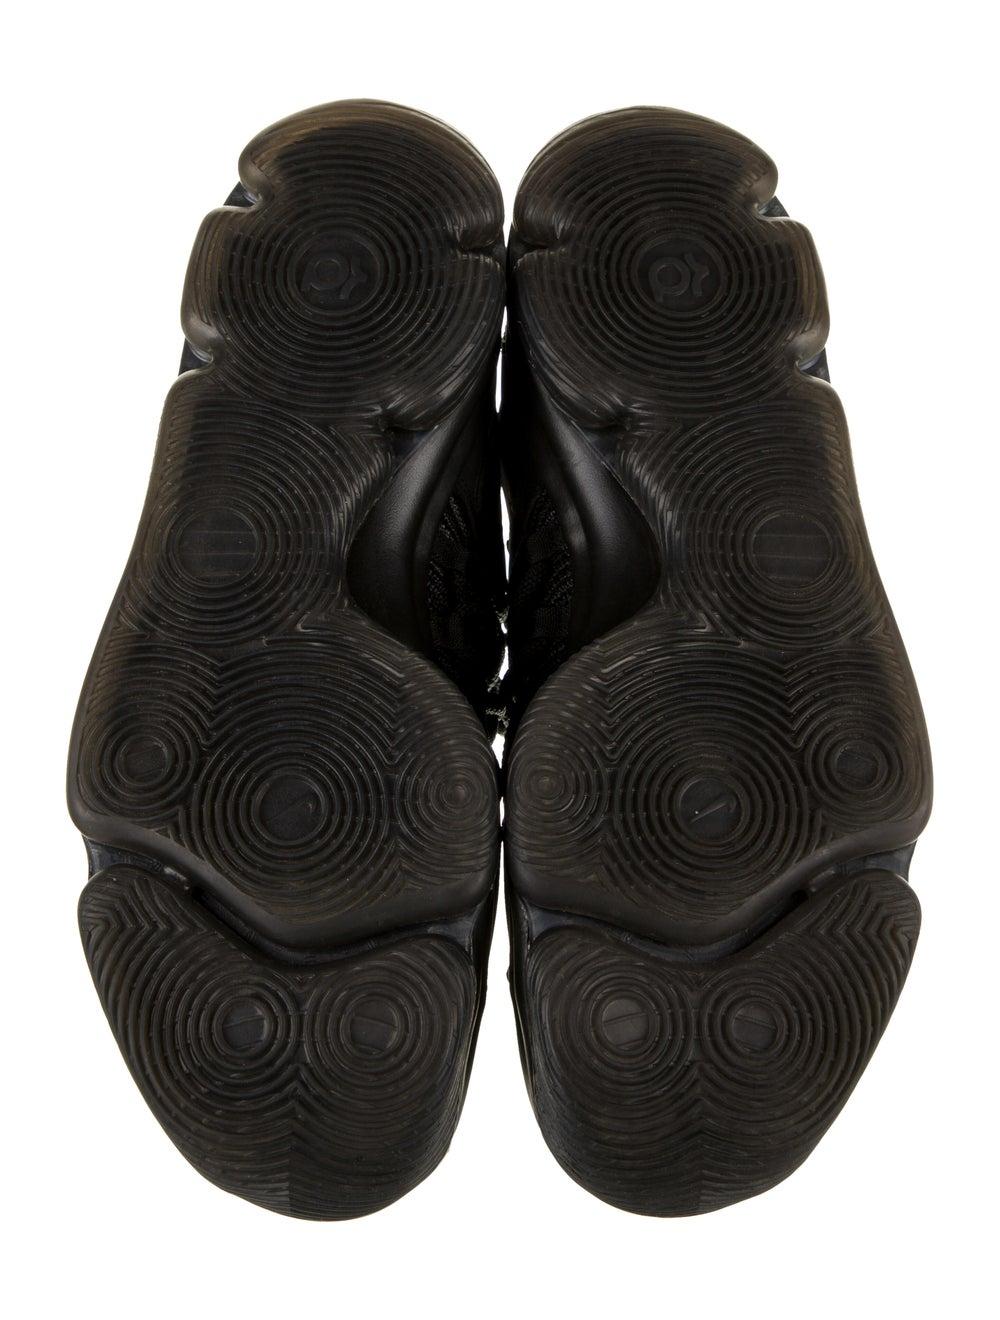 Nike Sneakers Black - image 5